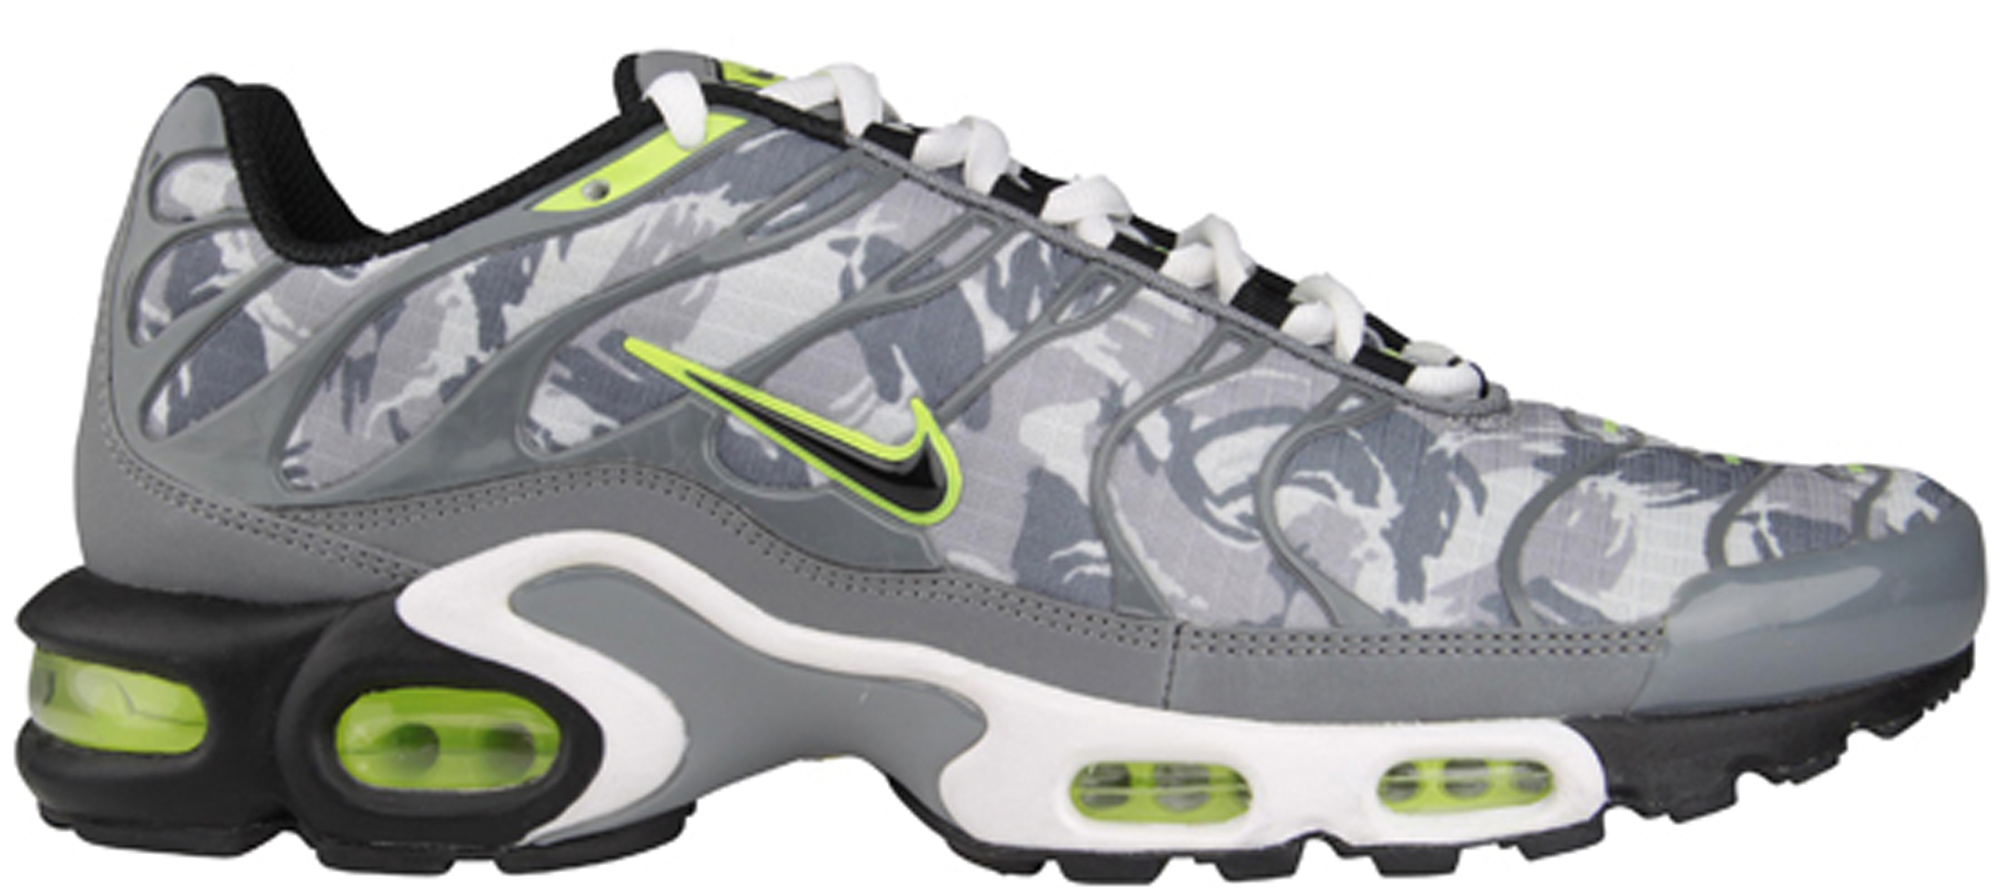 Nike Air Max Plus Camo Grey - Sneakers